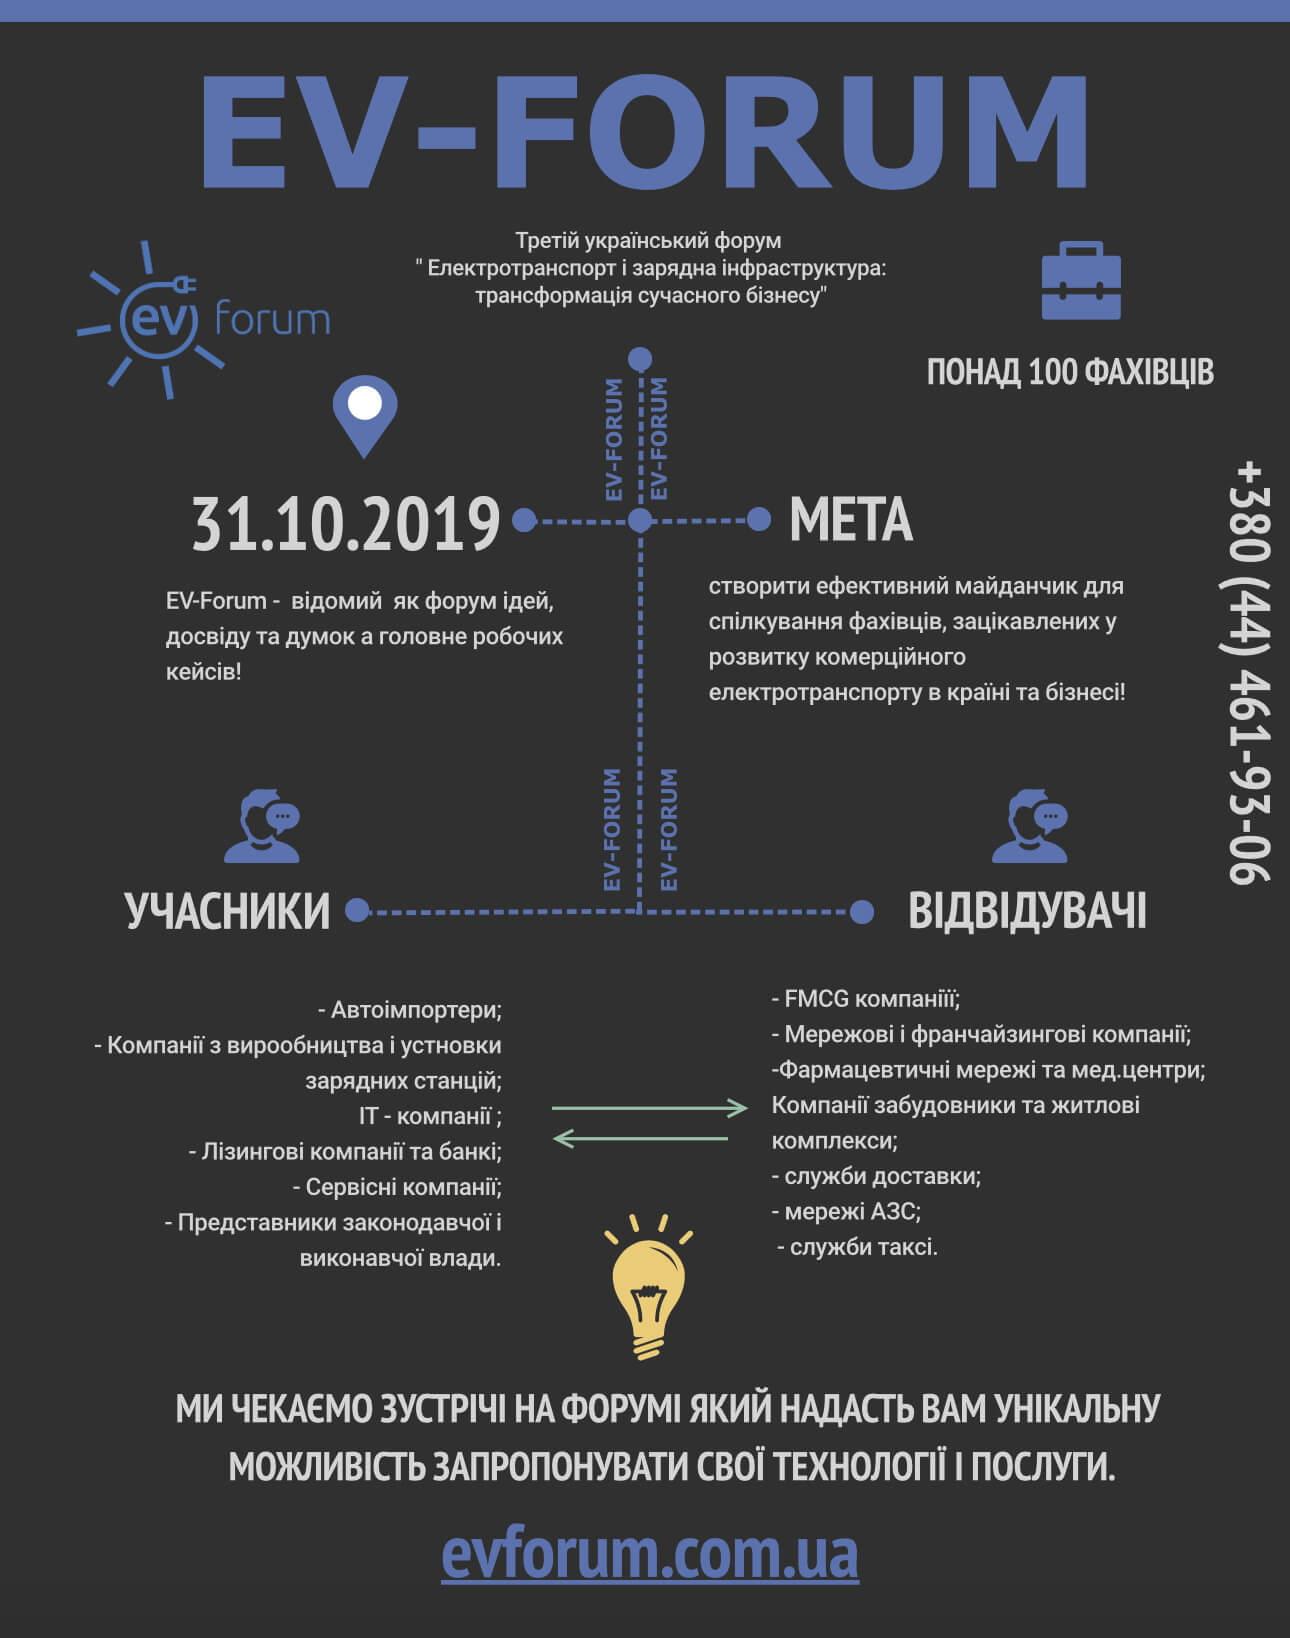 EV-Forum 2019